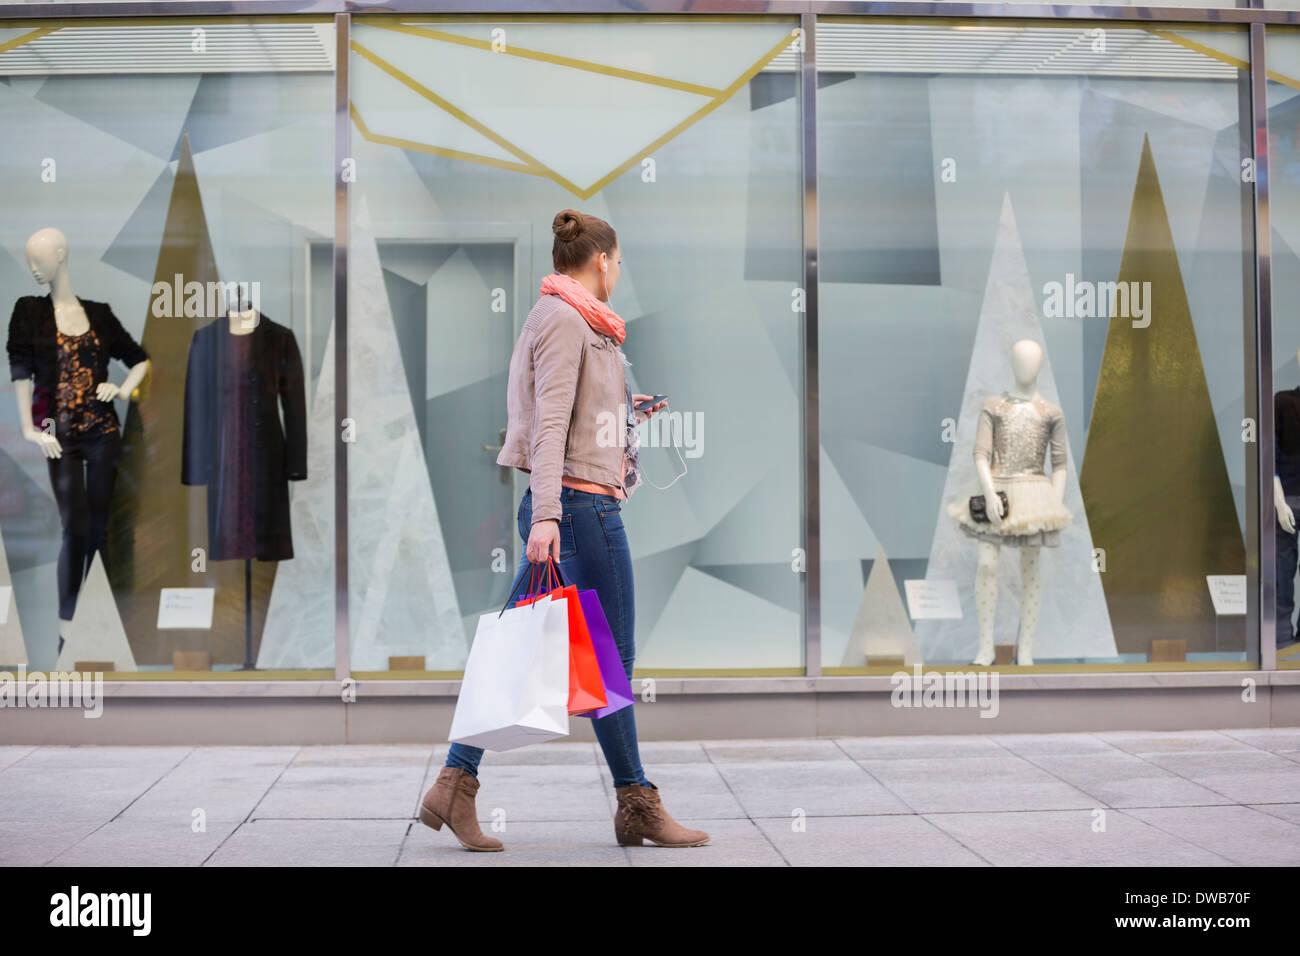 Profil-Schuss der jungen Frau mit Einkaufstüten Schaufenster betrachten Stockbild